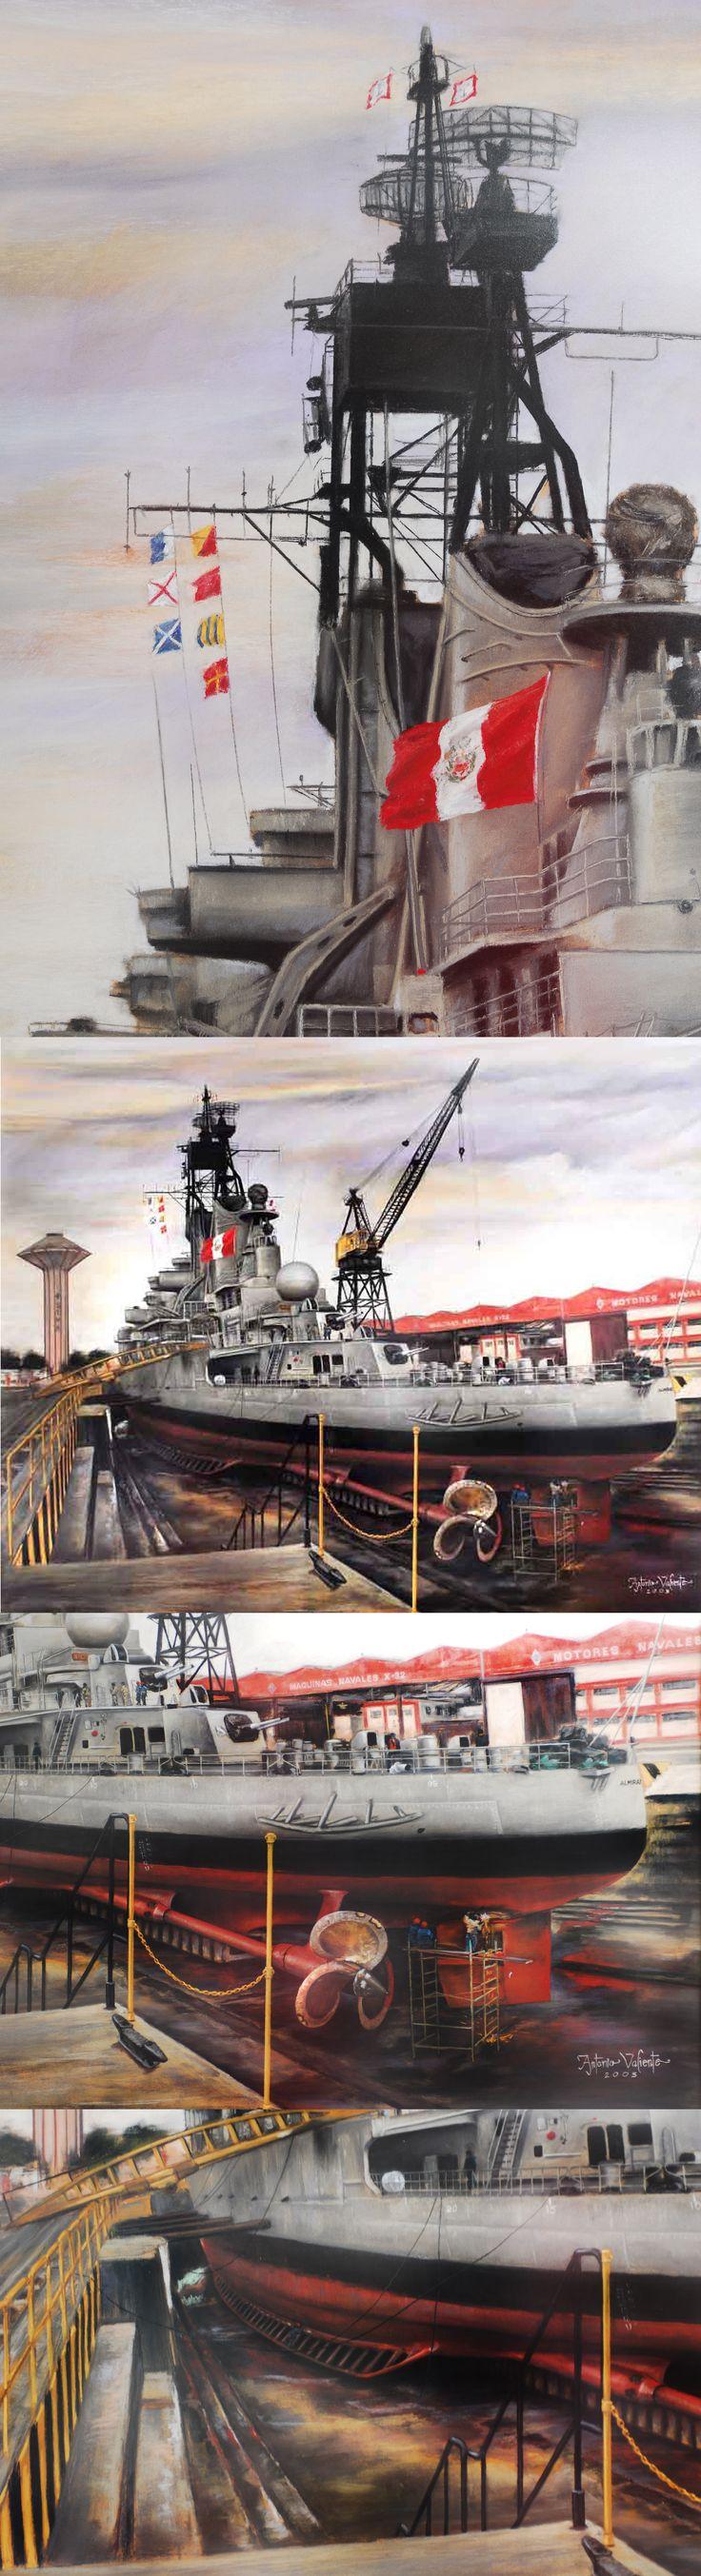 Antonio Valiente Medina BAP: Almirante Grau en Dique Pintura en Tiza Pastel